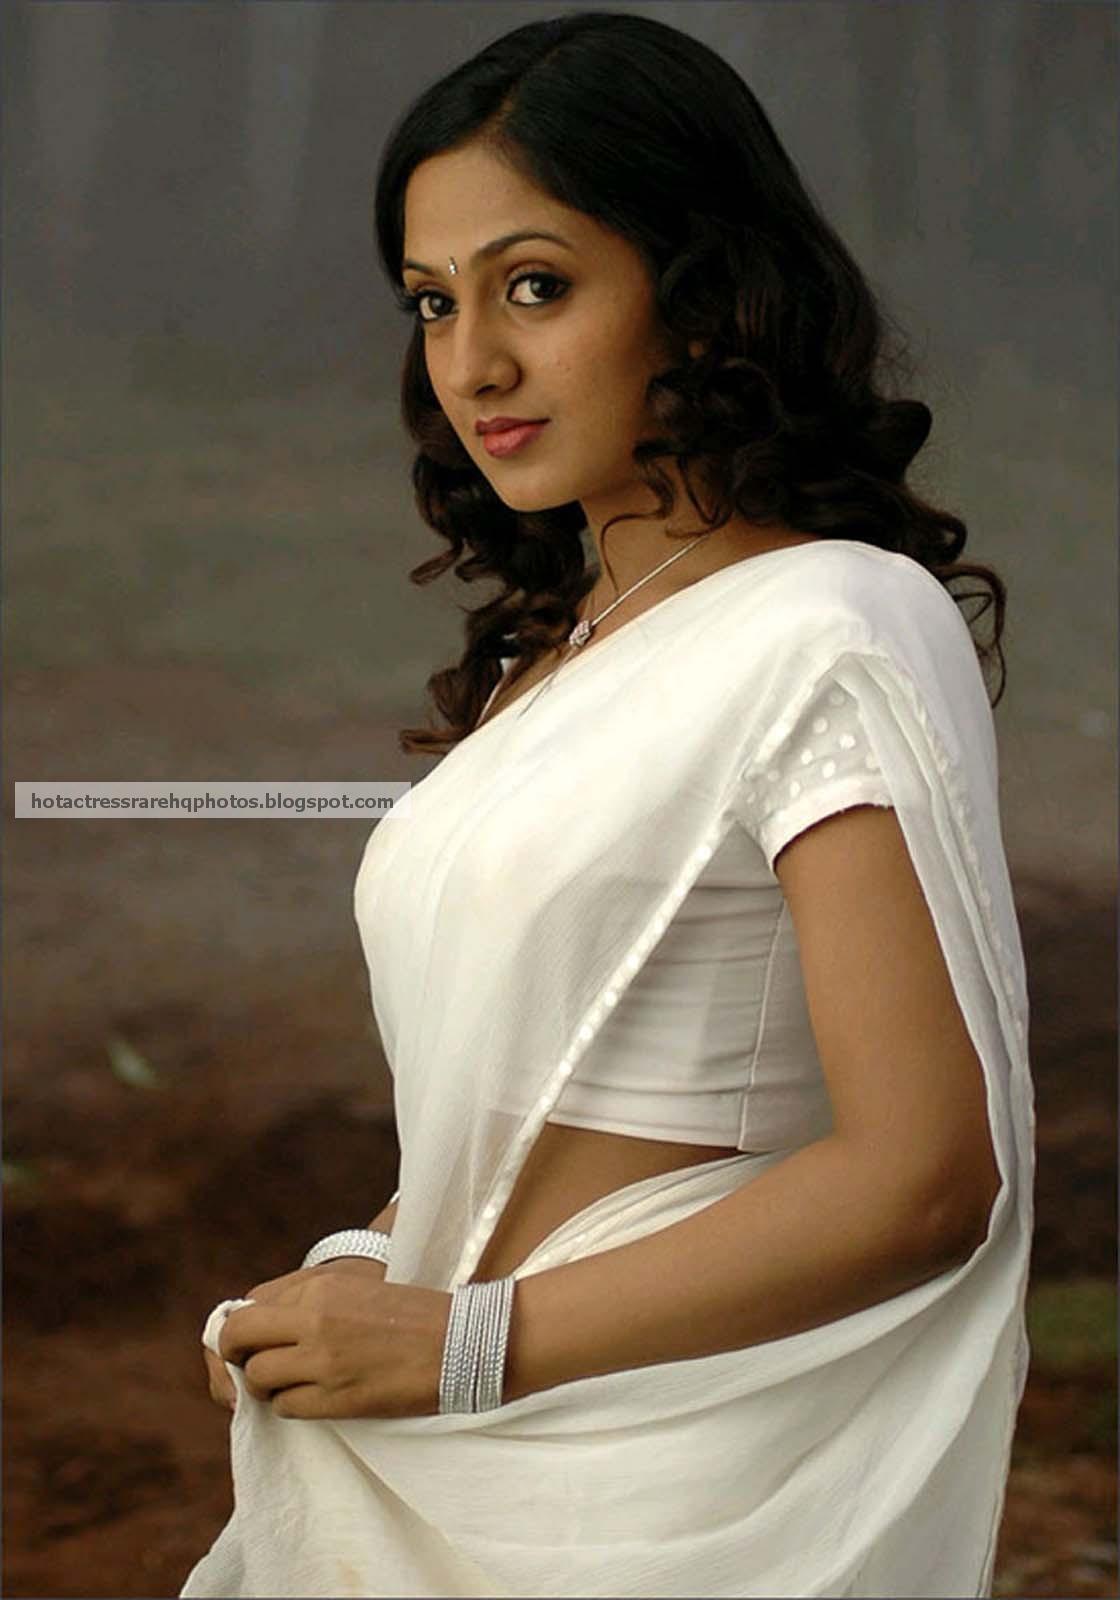 Hot Indian Actress Rare HQ Photos: Tamil Actress Sheela ...